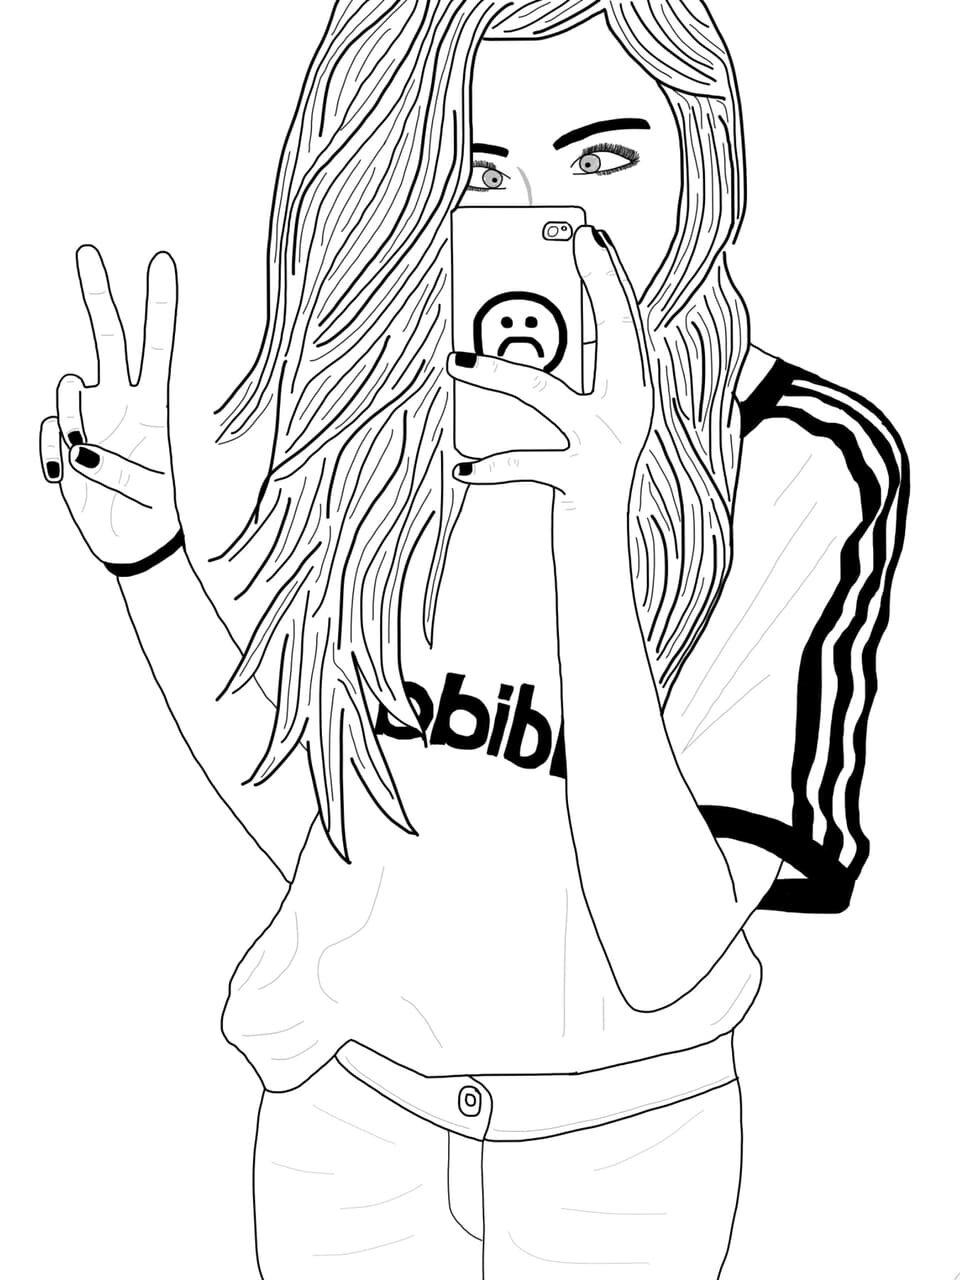 Черно-белые картинки для распечатки крутые для девочек